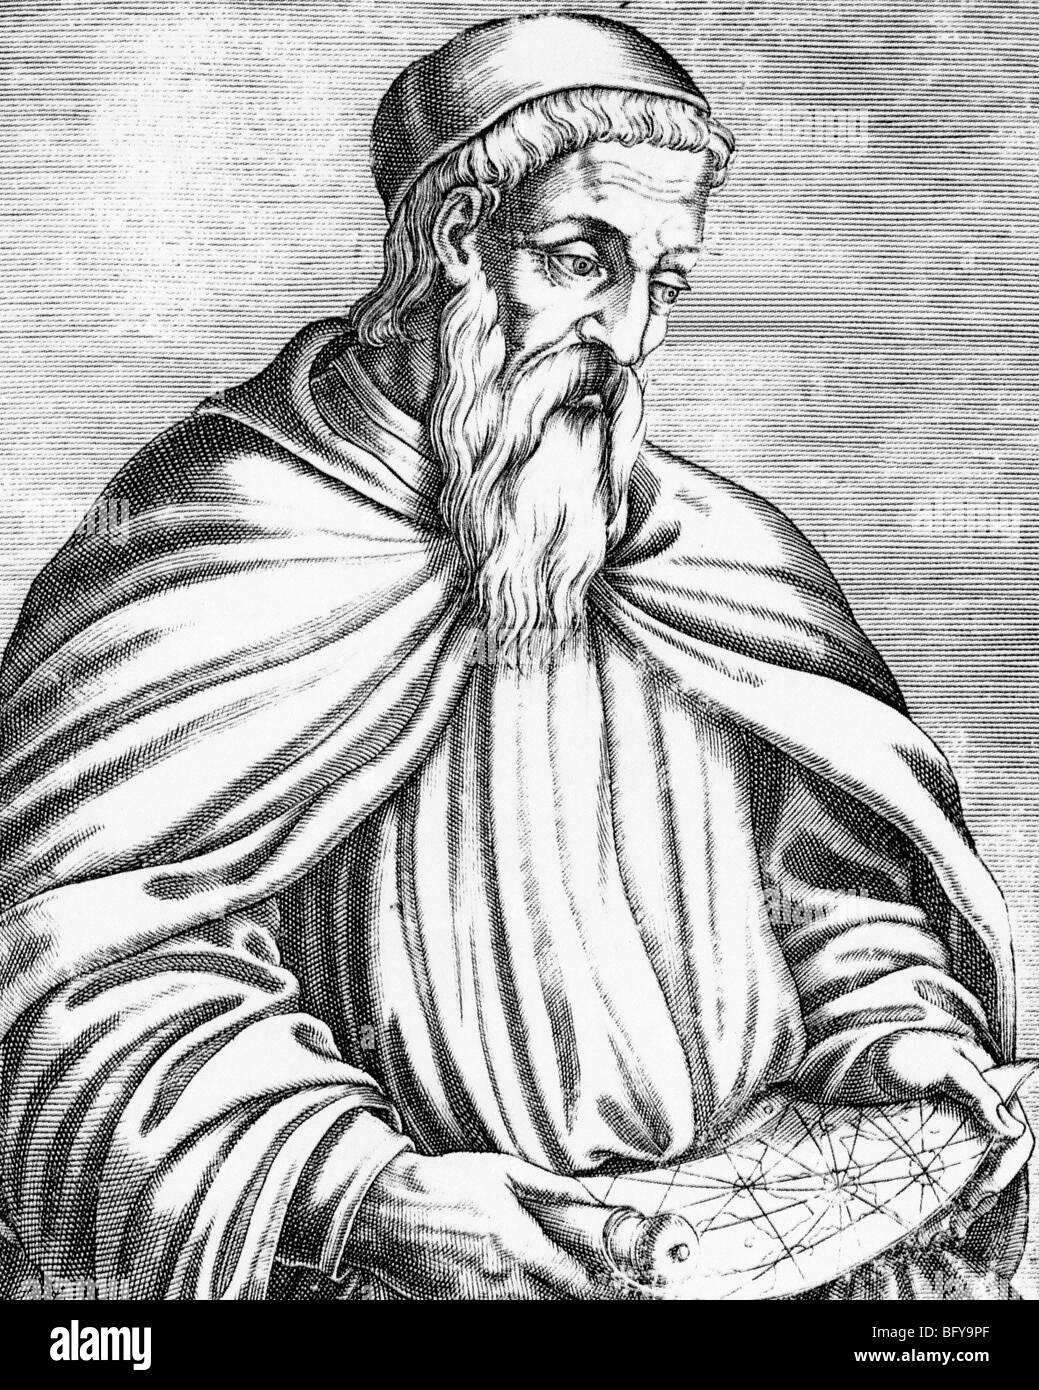 AMERIGO VESPUCCI (1451-1512) Explorateur d'origine italienne dans une gravure du 16ème siècle. L'Amérique Photo Stock